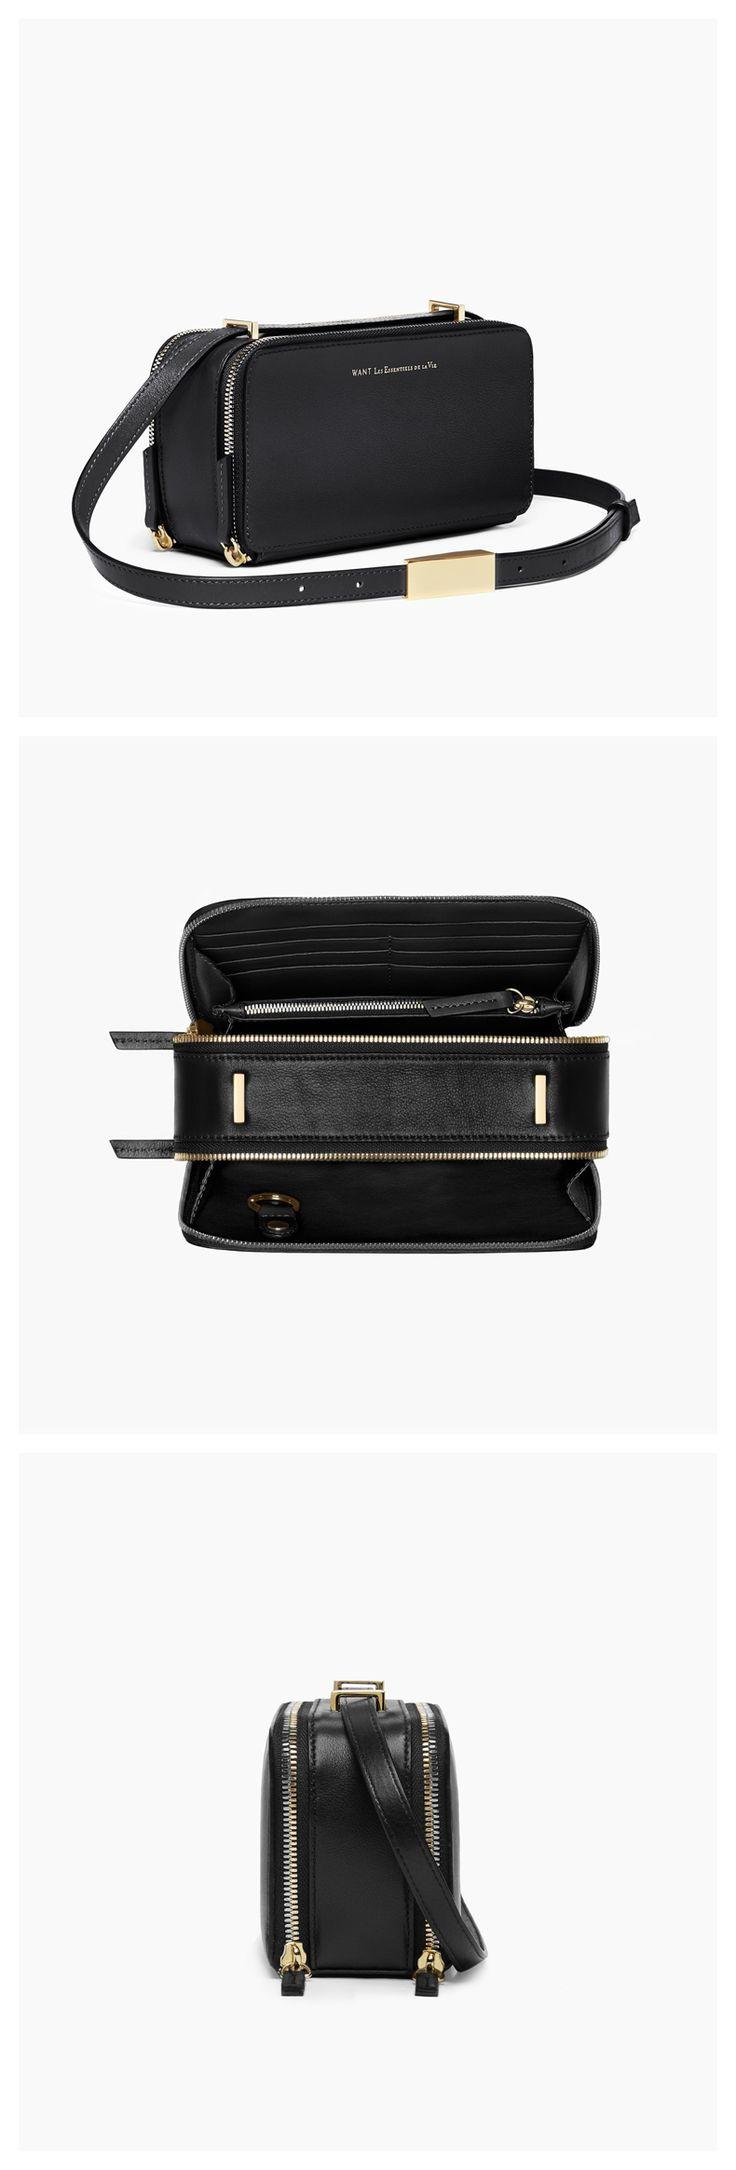 WANT Les Essentiels Demiranda shoulder bag - Handbags & Wallets - http://amzn.to/2hEuzfO